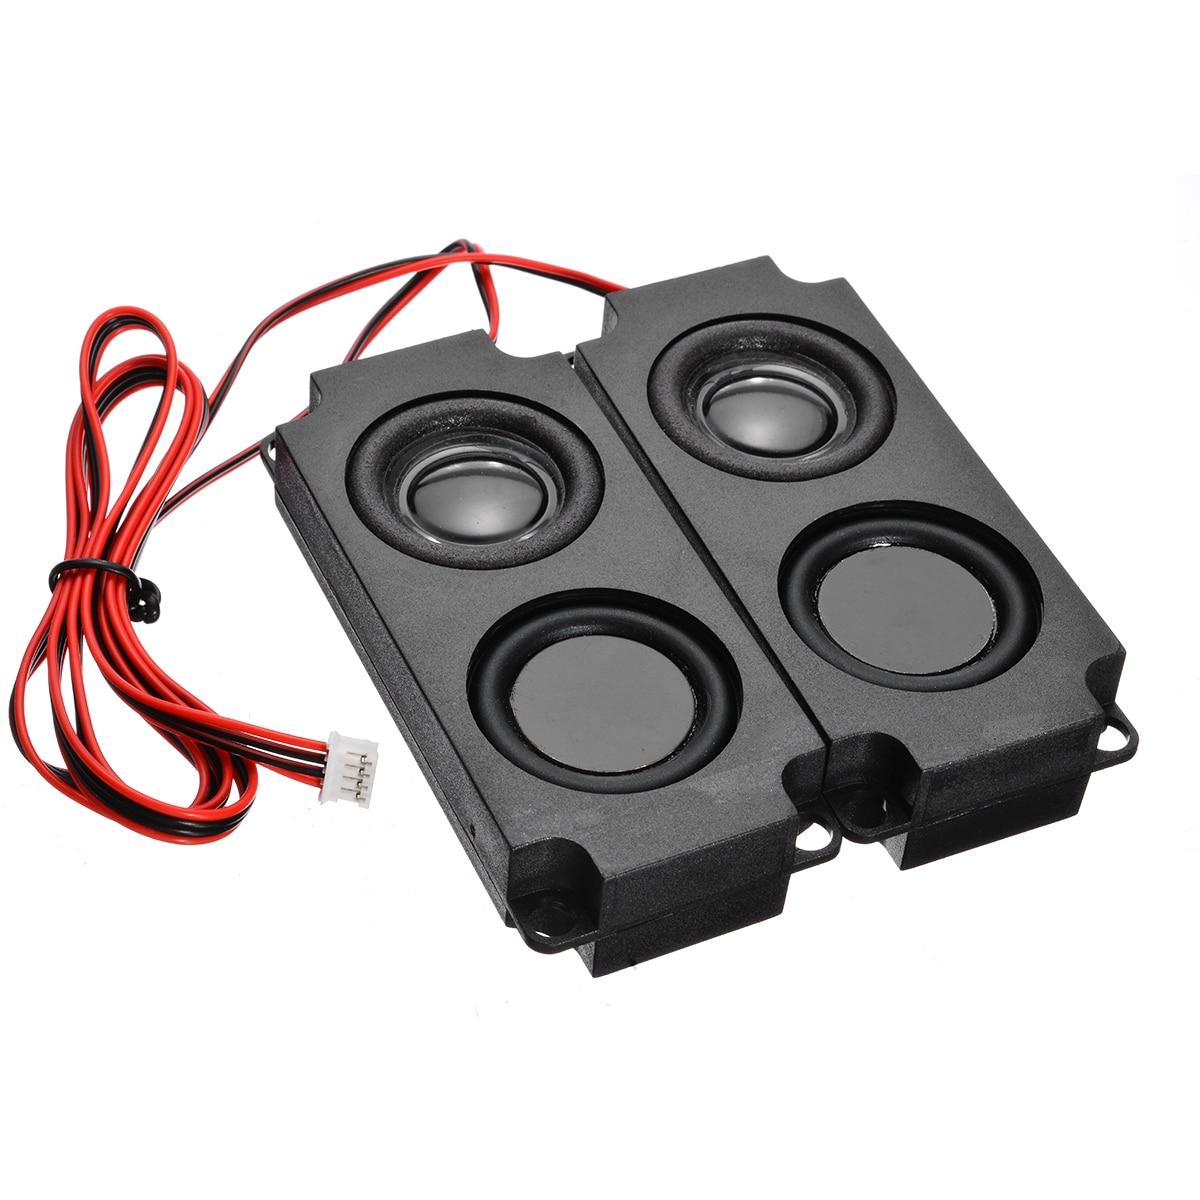 2Pcs Tragbare Audio Lautsprecher 4510-10045 8Ohm 5W LCD TV Werbung Lautsprecher für DIY Heimkino Sound system